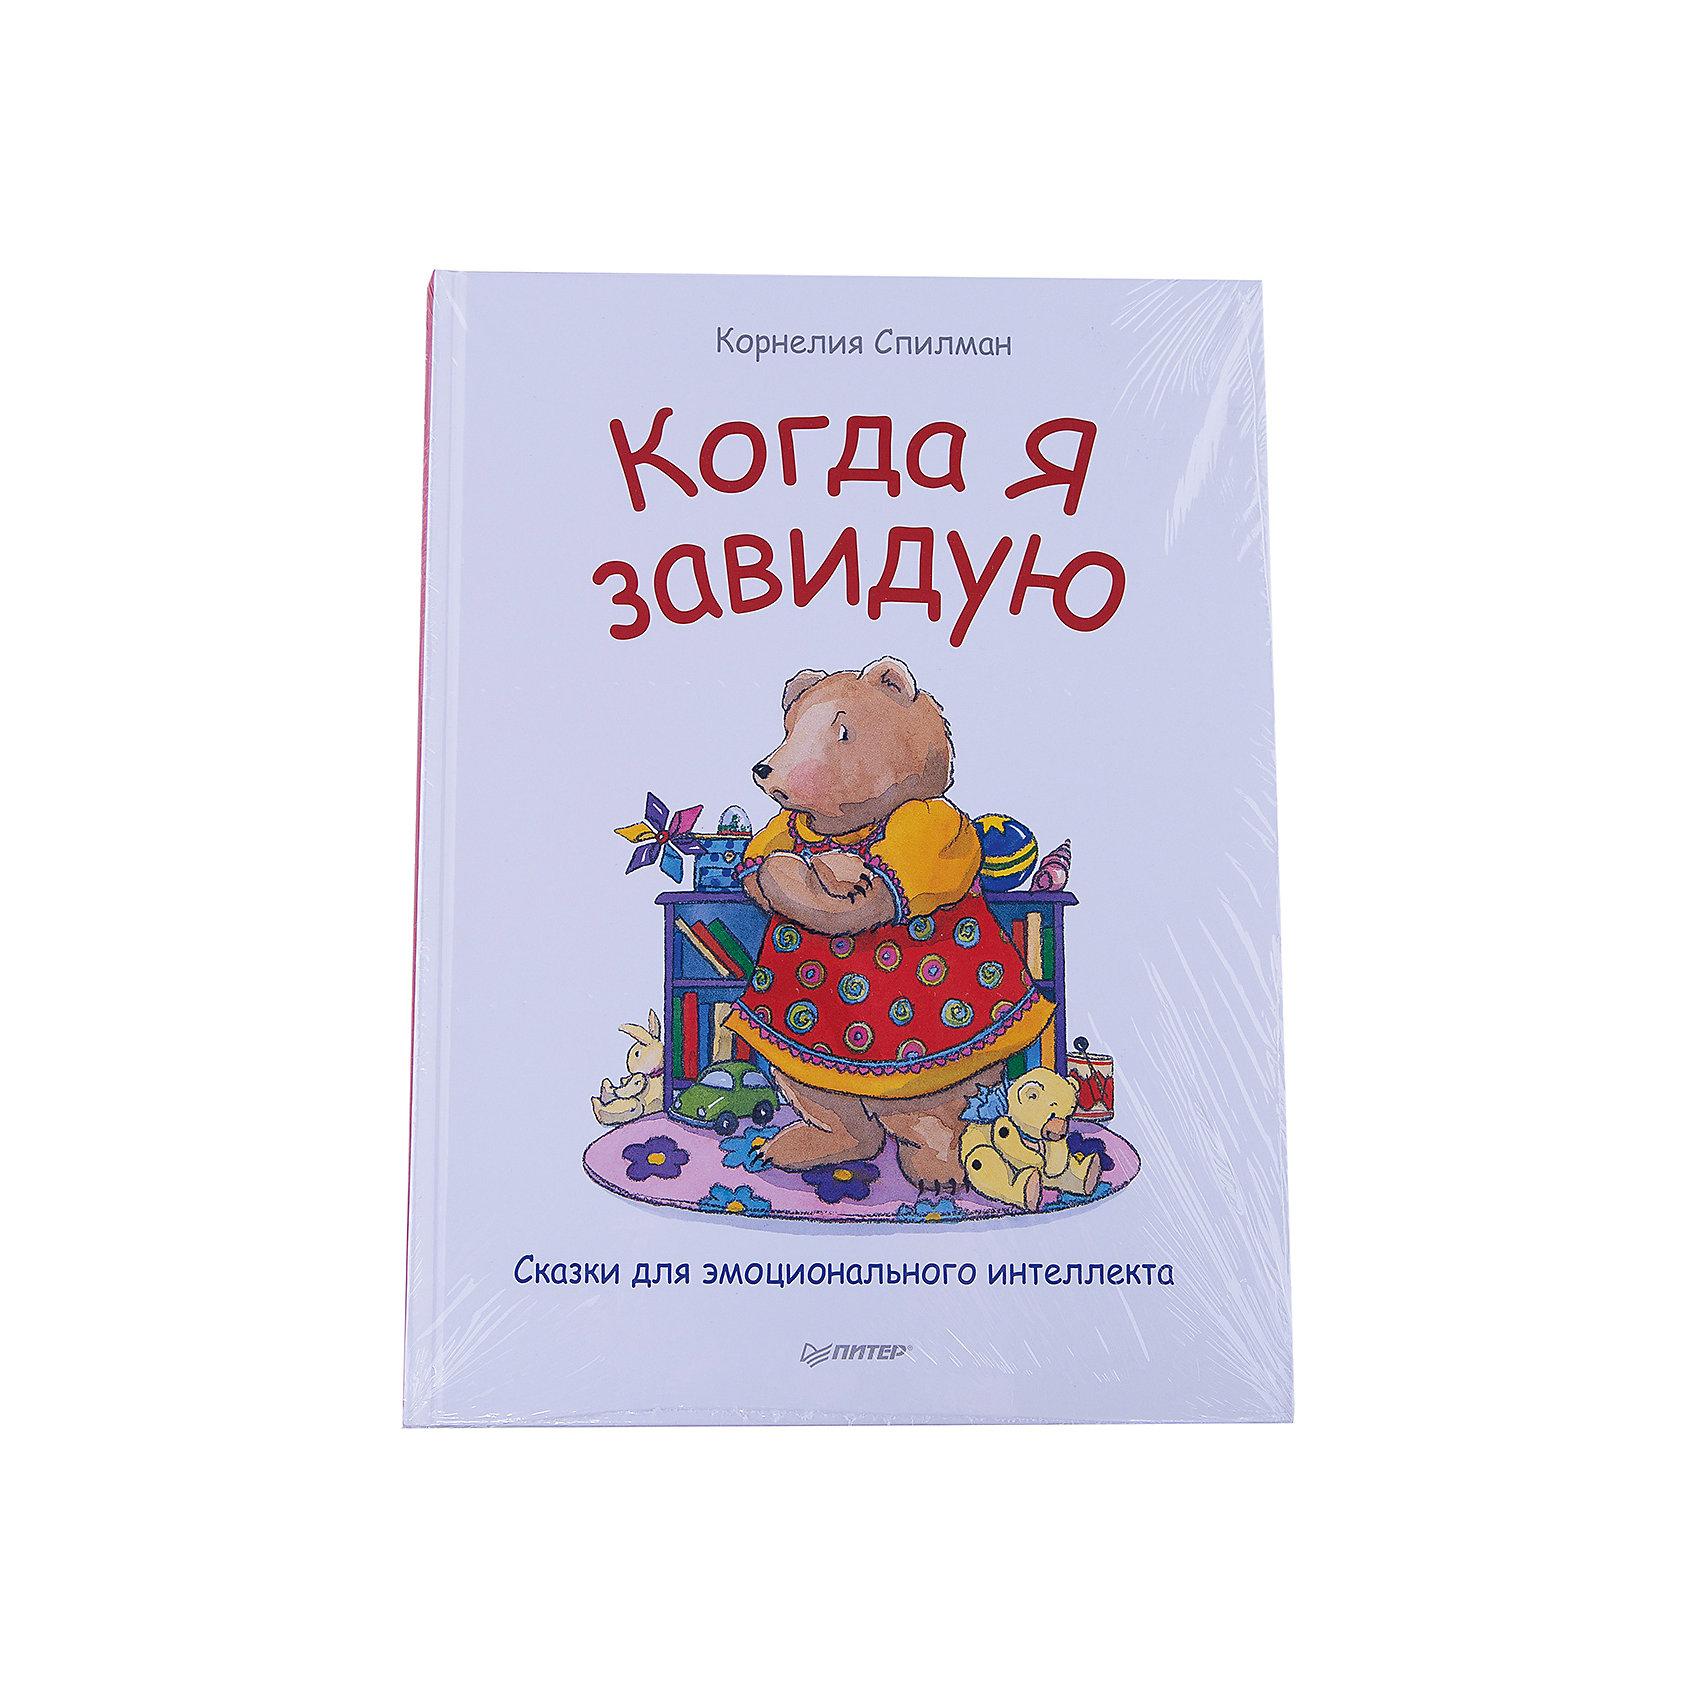 Когда я завидую, Сказки для эмоционального интеллекта, К. СпилманДетская психология и здоровье<br>Когда я завидую, Сказки для эмоционального интеллекта, К. Спилман<br><br>Характеристики:<br><br>- издательство: Питер<br>- тип обложки: 7Б – твердая<br>- иллюстрации: цветные<br>- количество страниц: 24 <br>- формат: 22 * 30 см.<br>- вес: 350 гр.<br>- год издания: 2017<br><br>Множество эмоций дети воспринимают не так, как взрослые, а все потому, что дети просто не знают что с теми или иными эмоциями делать. Серия Сказки для эмоционального интеллекта предназначена для детей и их родителей и помогает разобраться в тех или иных эмоциях с помощью сказок. Книга «Когда я завидую» поможет родителям объяснить ребенку что чувство зависти может присутствовать у всех, но с ним можно и нужно работать. В начале книги дается содержательное предисловие для родителей о детской зависти, как снизить возможность возникновения зависти и как работать с этим чувством. Мишка из сказок расскажет малышу о том, что он чувствует, когда кто-то дрогой получает именно то, чего так давно хотел сам мишка, или каково это, когда кто-то другой привлекает внимание и получает похвалы окружающих. Детьми сказки воспринимаются легко и непринужденно, помогая прорабатывать свои личные чувства глядя на них другими глазами. Книга дает ценные советы по принятию чувств и эмоций.<br><br>Книгу Когда я завидую, Сказки для эмоционального интеллекта, К. Спилман можно купить в нашем интернет-магазине.<br><br>Ширина мм: 298<br>Глубина мм: 221<br>Высота мм: 4<br>Вес г: 342<br>Возраст от месяцев: 36<br>Возраст до месяцев: 84<br>Пол: Унисекс<br>Возраст: Детский<br>SKU: 5199691